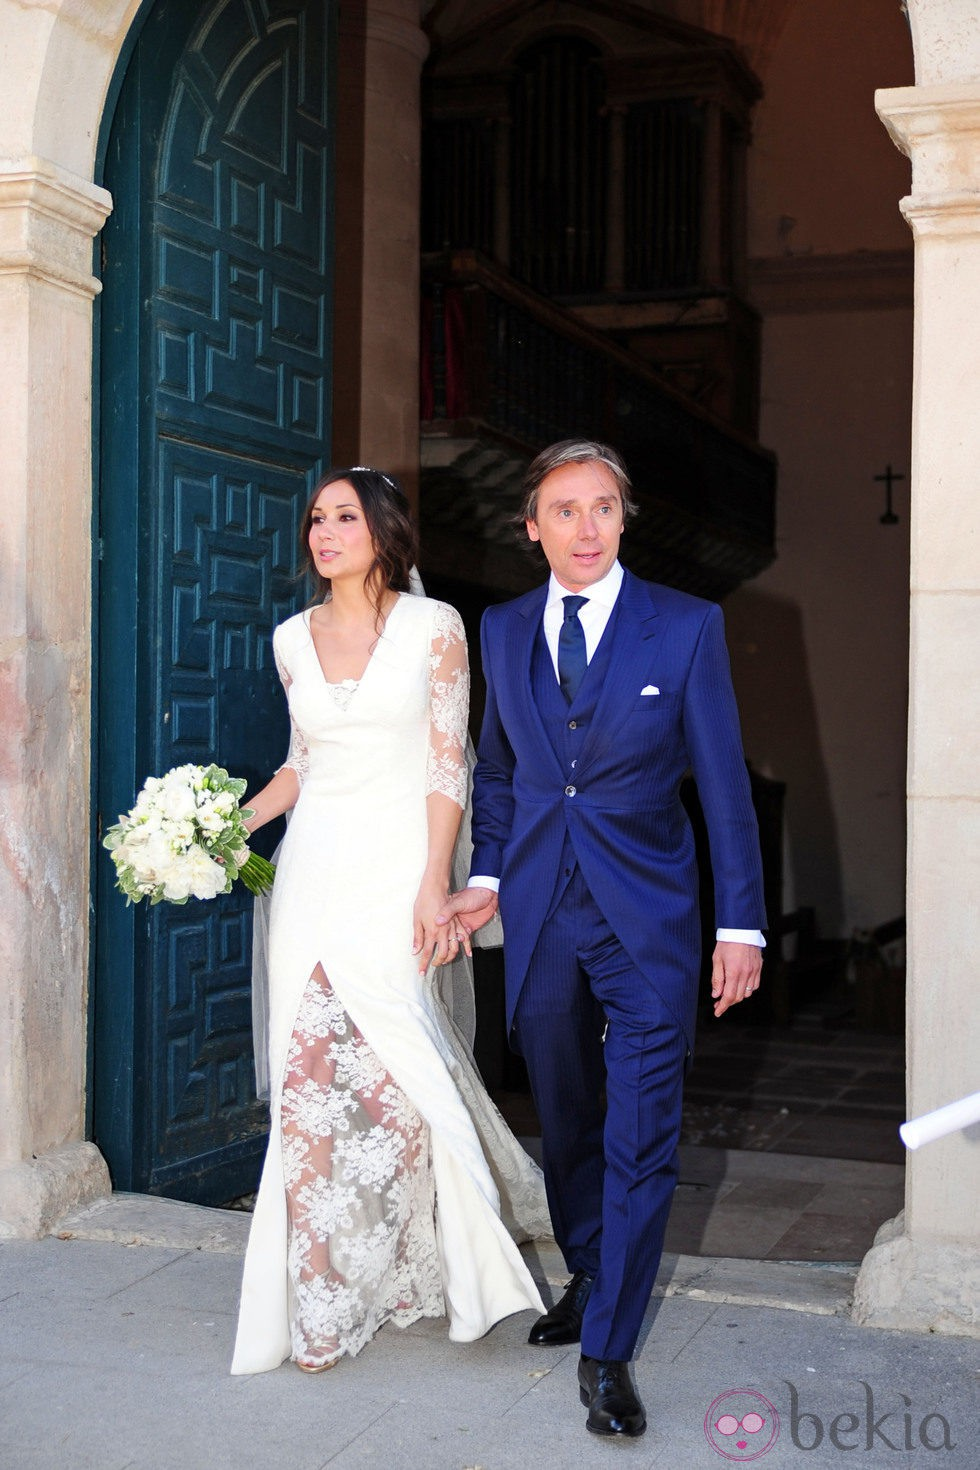 Israel Bayon y Cristina Sainz a su salida de la iglesia tras contraer matrimonio